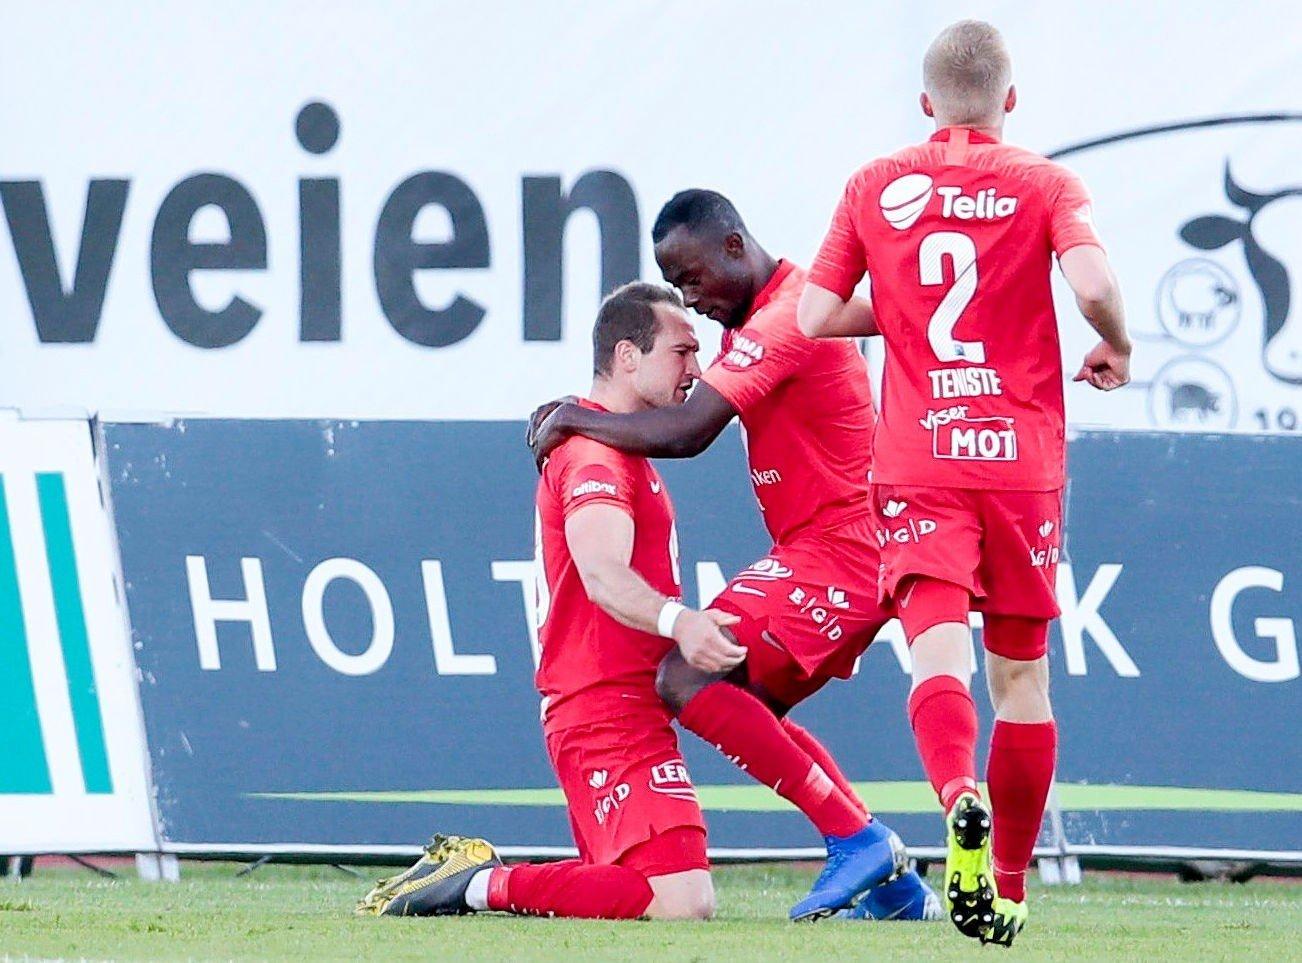 ENDELIG KOM MÅLET: Veton Berisha fikk endelig nettsus for Brann mot Stabæk på Nadderud. Gilbert Koomson og Taijo Teniste var ivrige gratulanter.